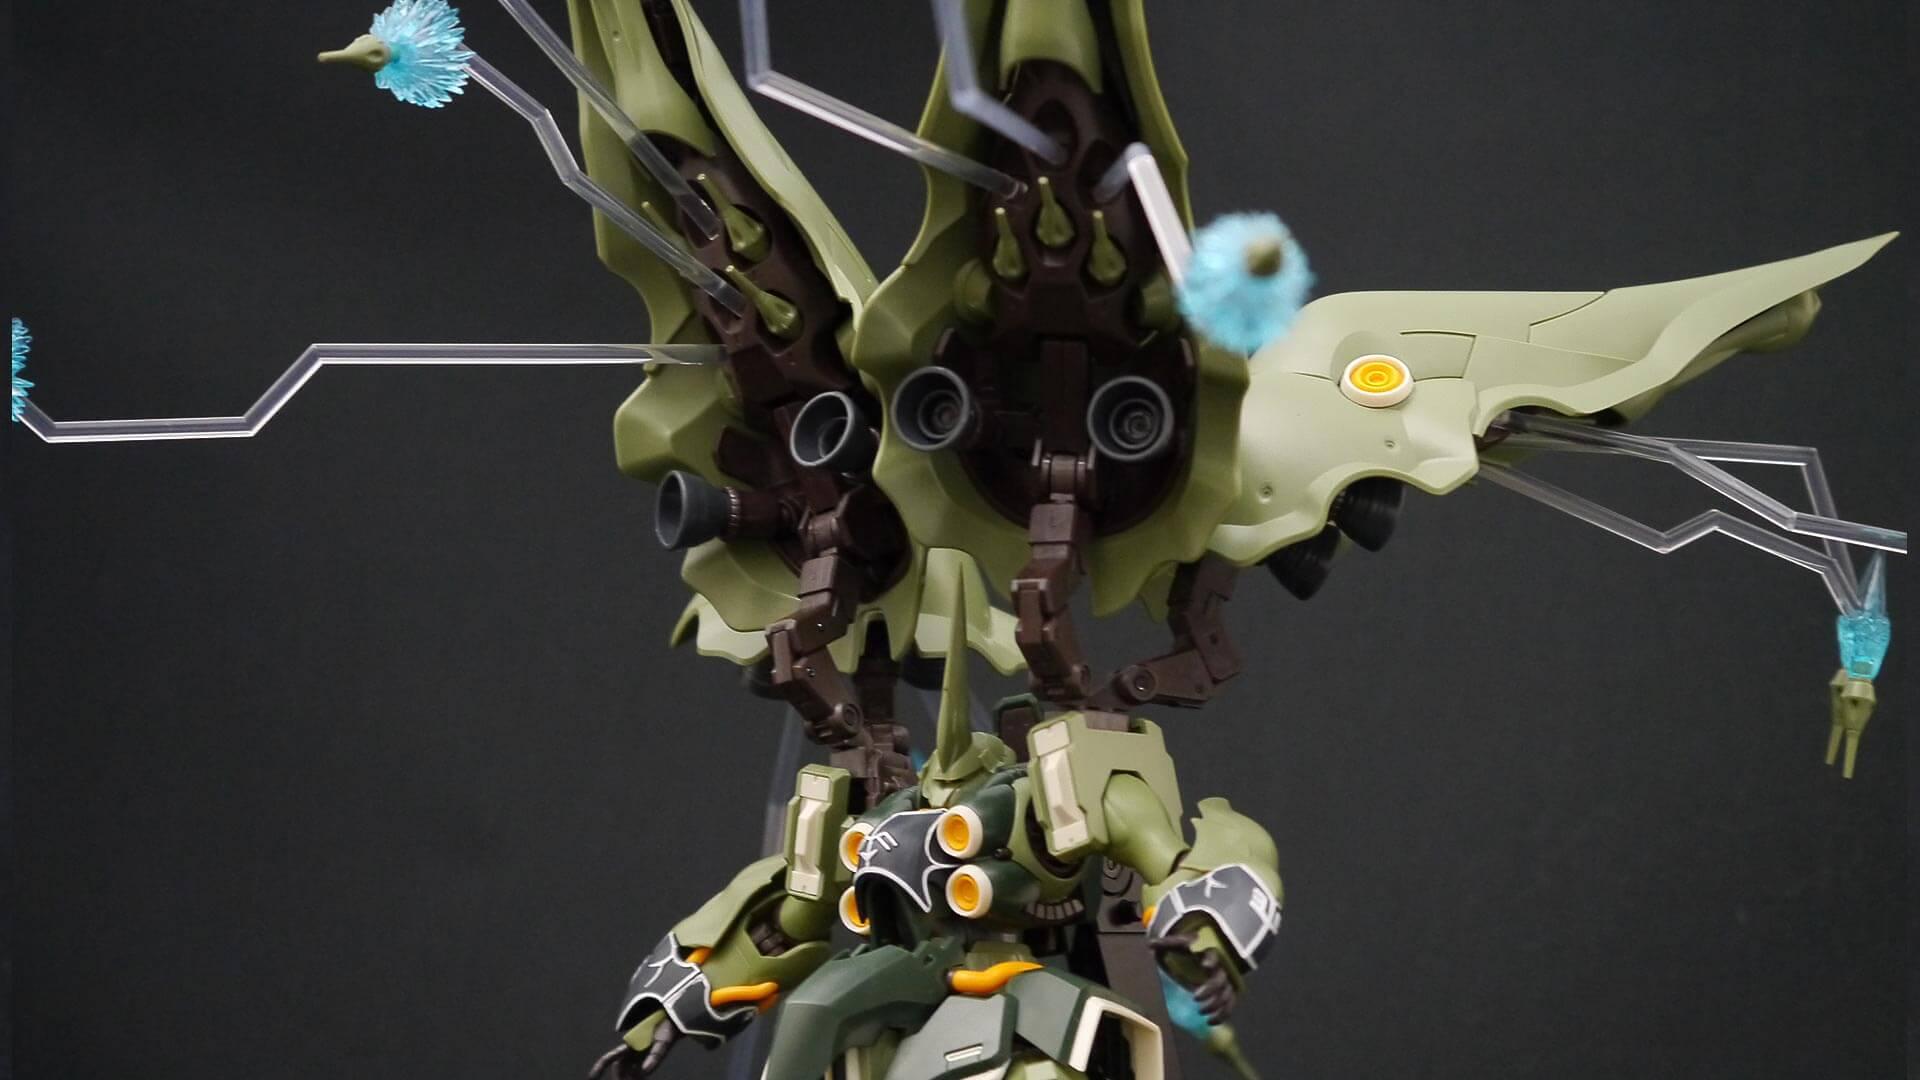 ROBOT魂 クシャトリヤ ファンネル射出 03